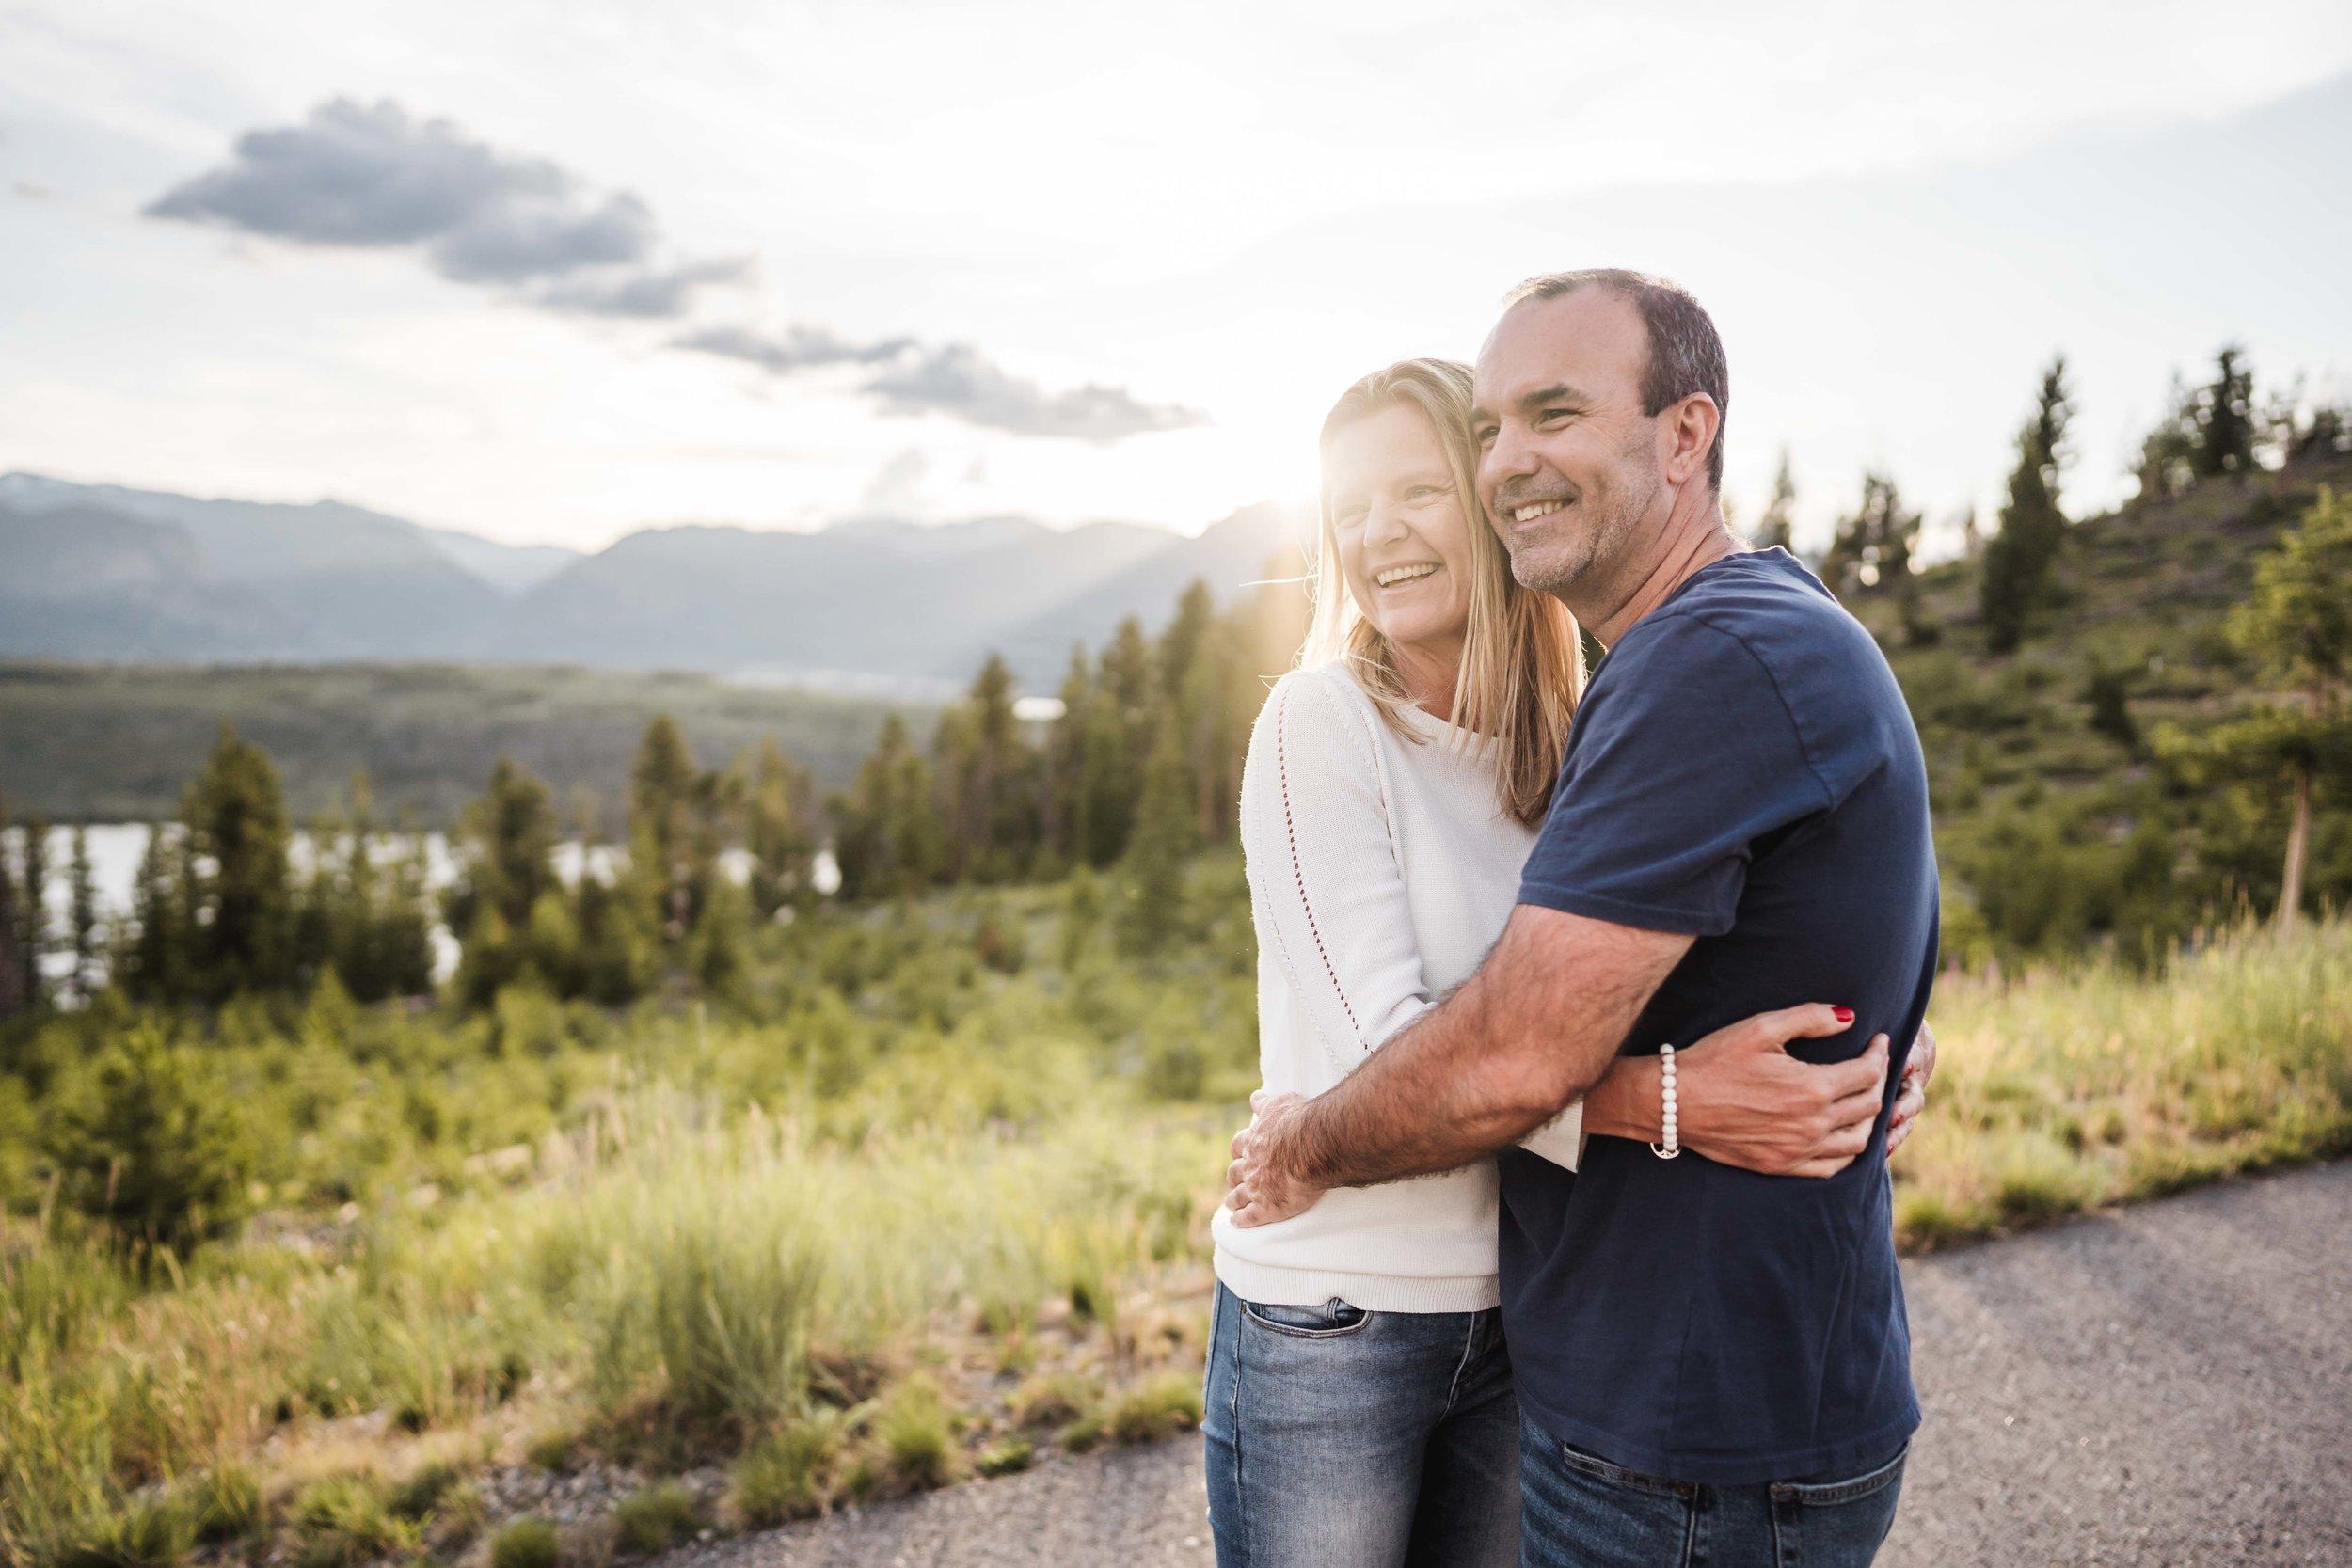 denver-family-photographer-in-breckenridge-mountains-DSD01362.jpg